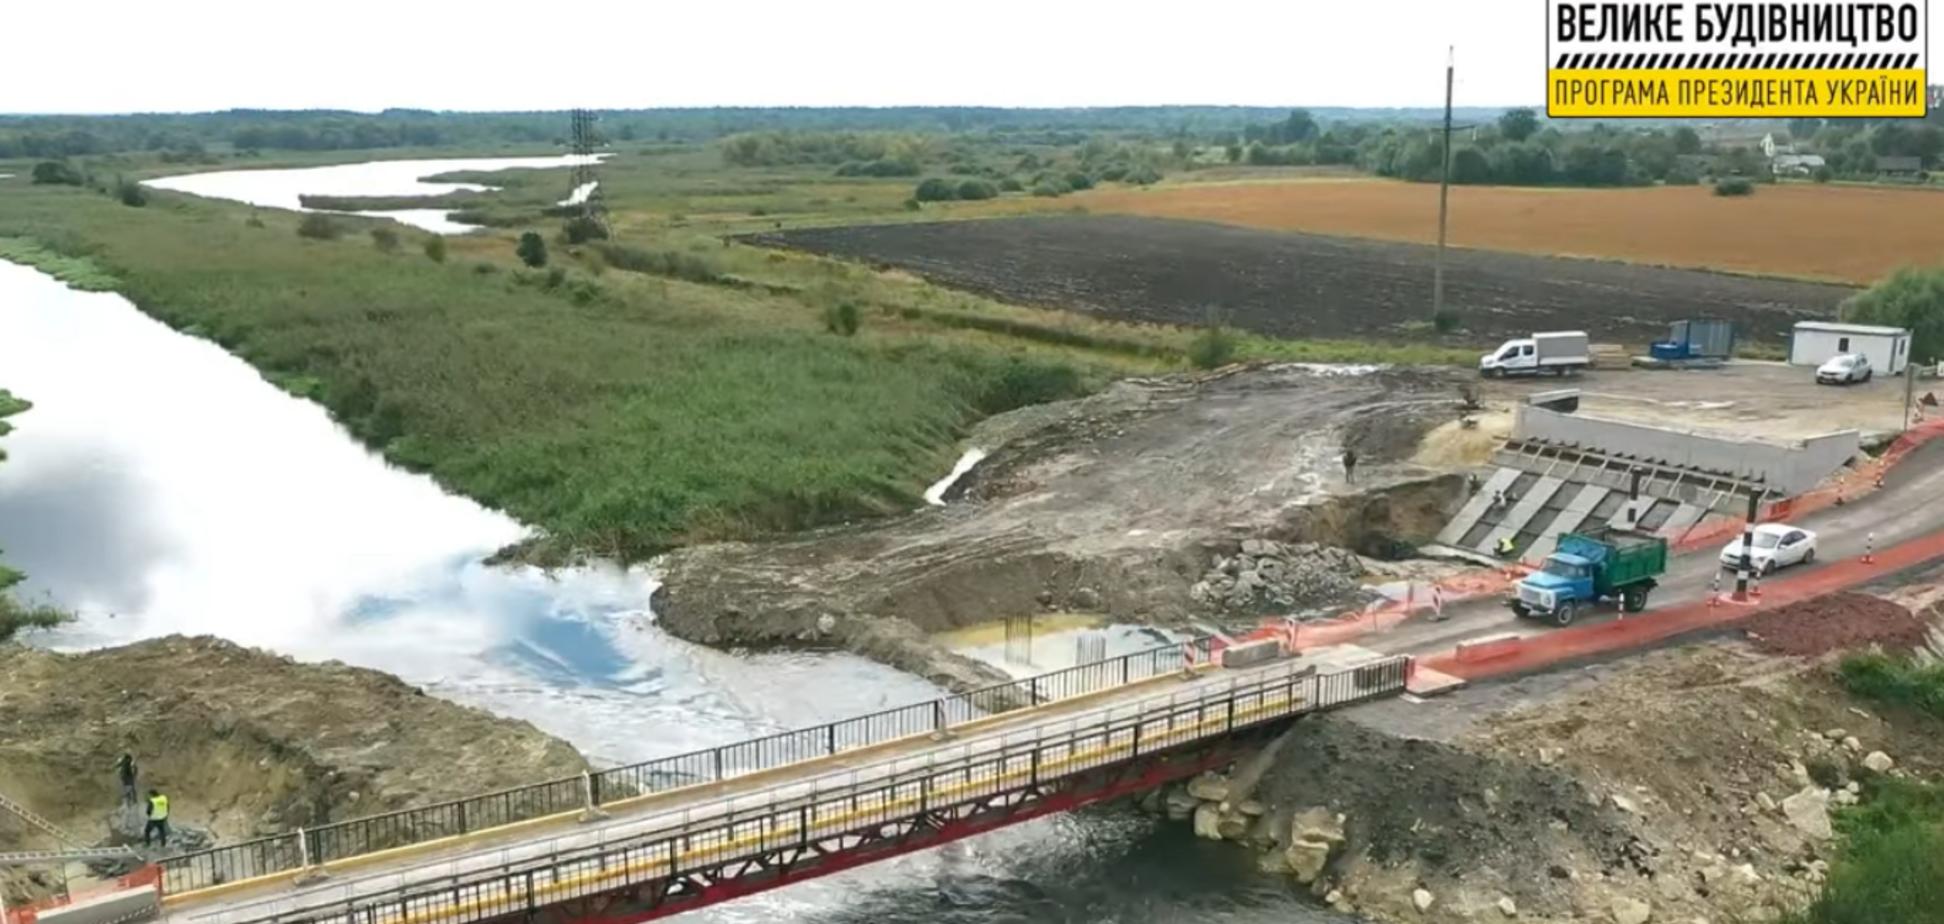 На Львовщине рекордными темпами восстанавливают мост через р. Западный Буг